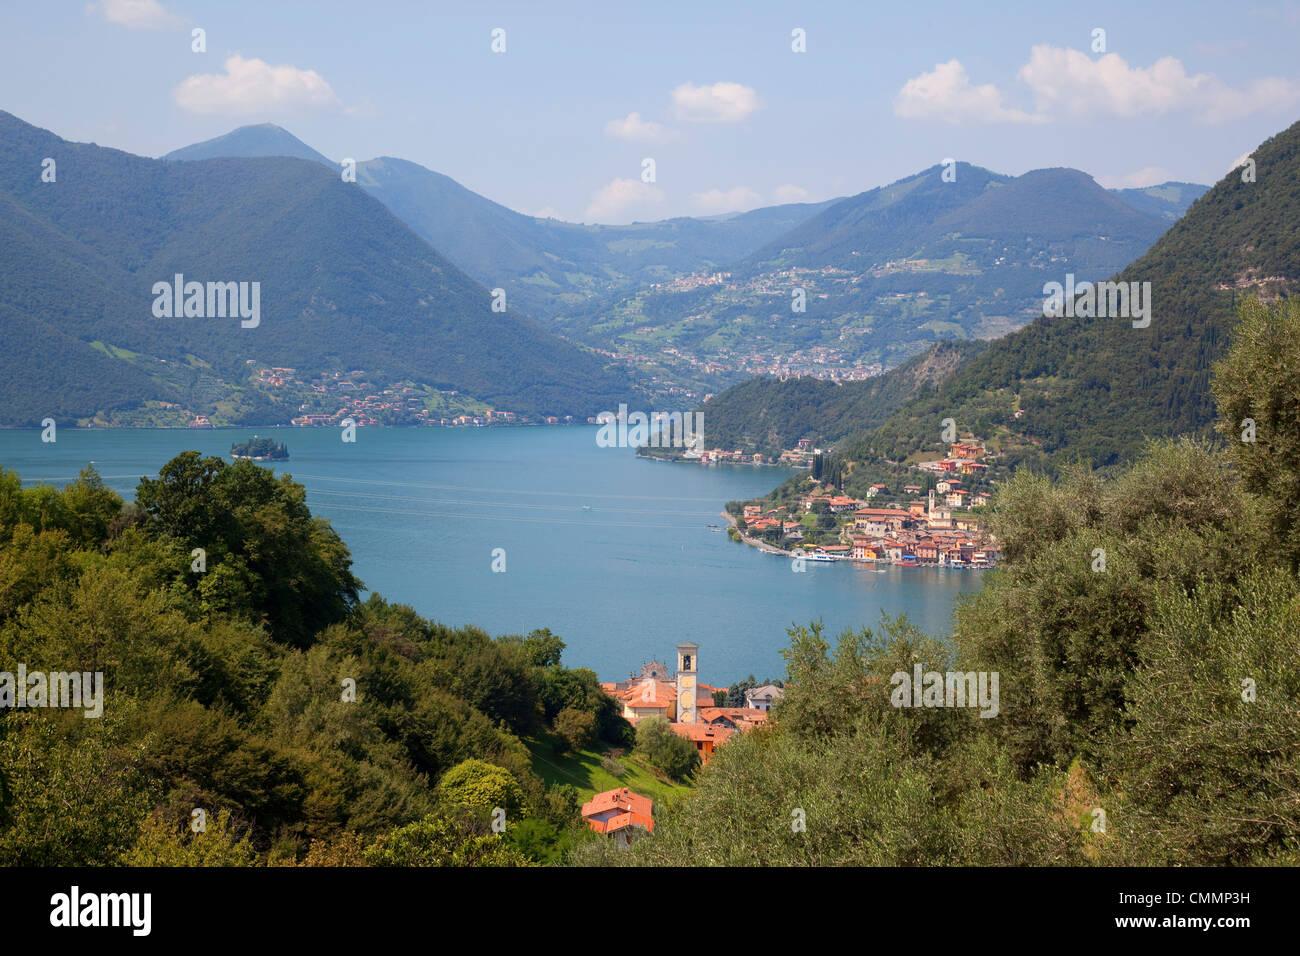 View of Lake Iseo near Sulzano, Lombardy, Italian Lakes, Italy, Europe - Stock Image